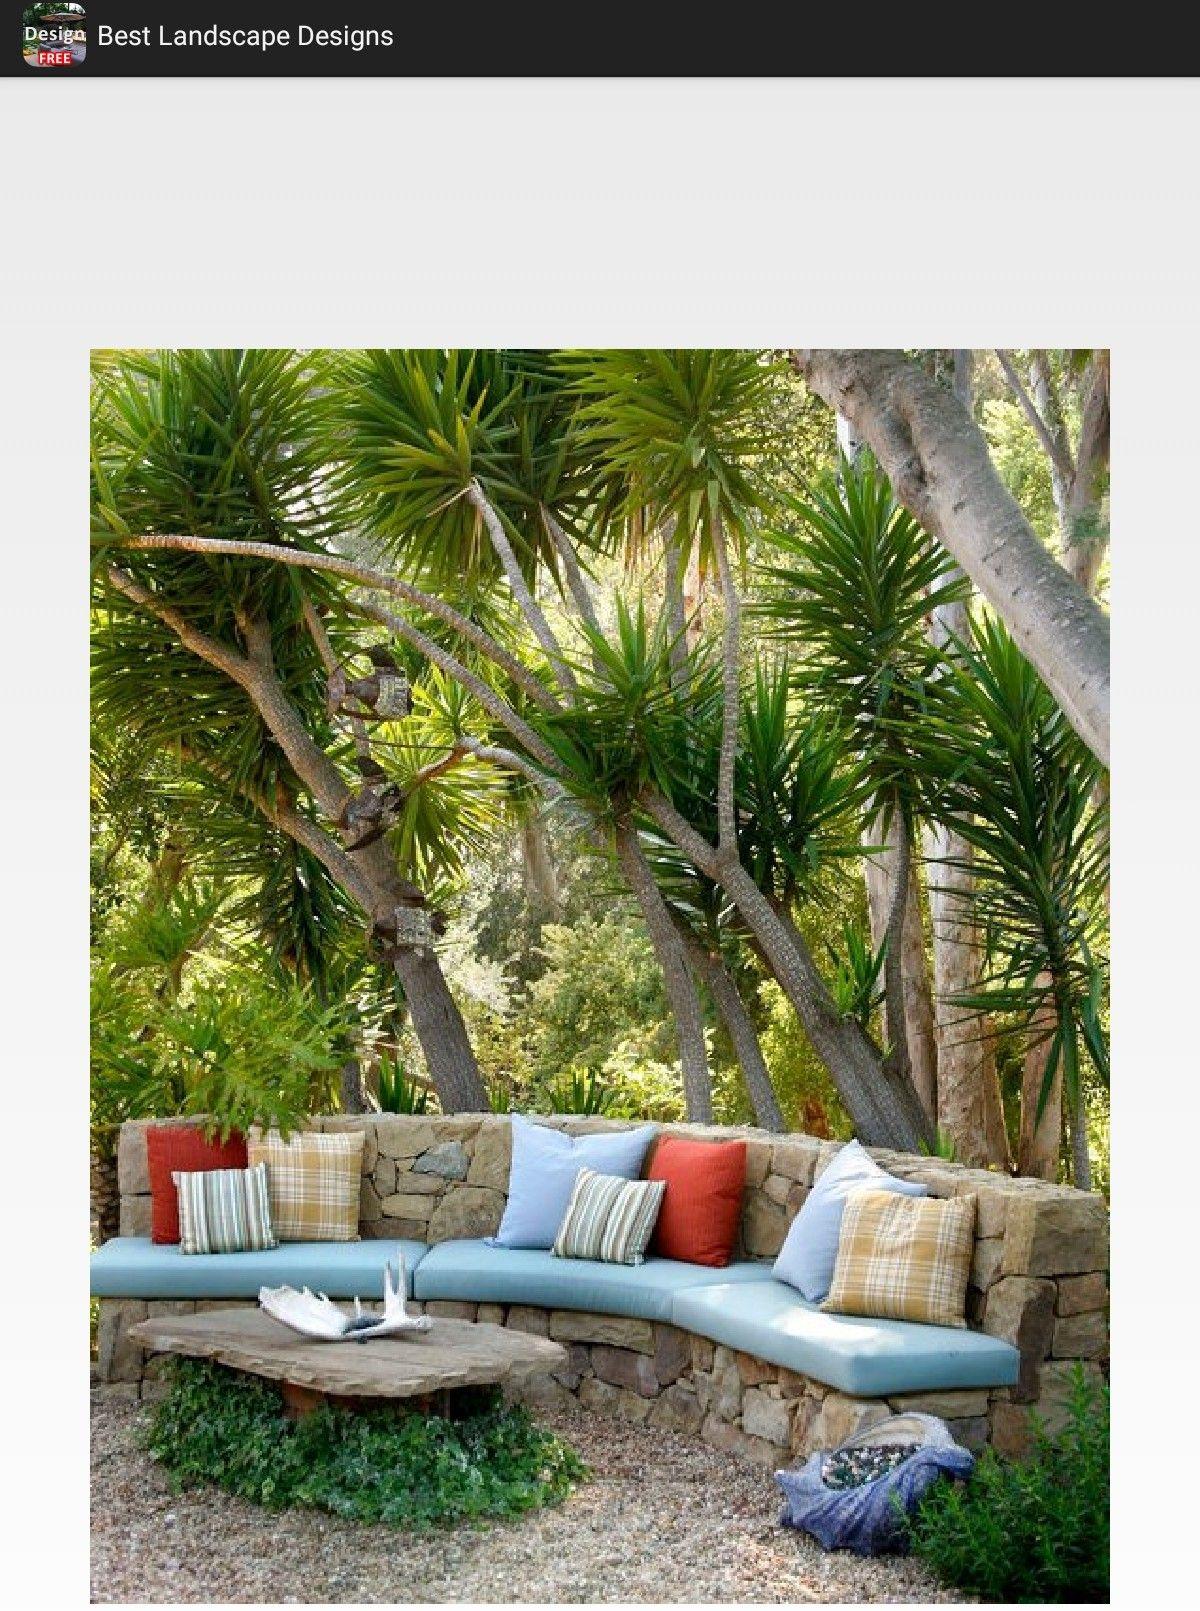 Pin de Kathy en casa nueva | Pinterest | Adornos de jardín, Jardín y ...